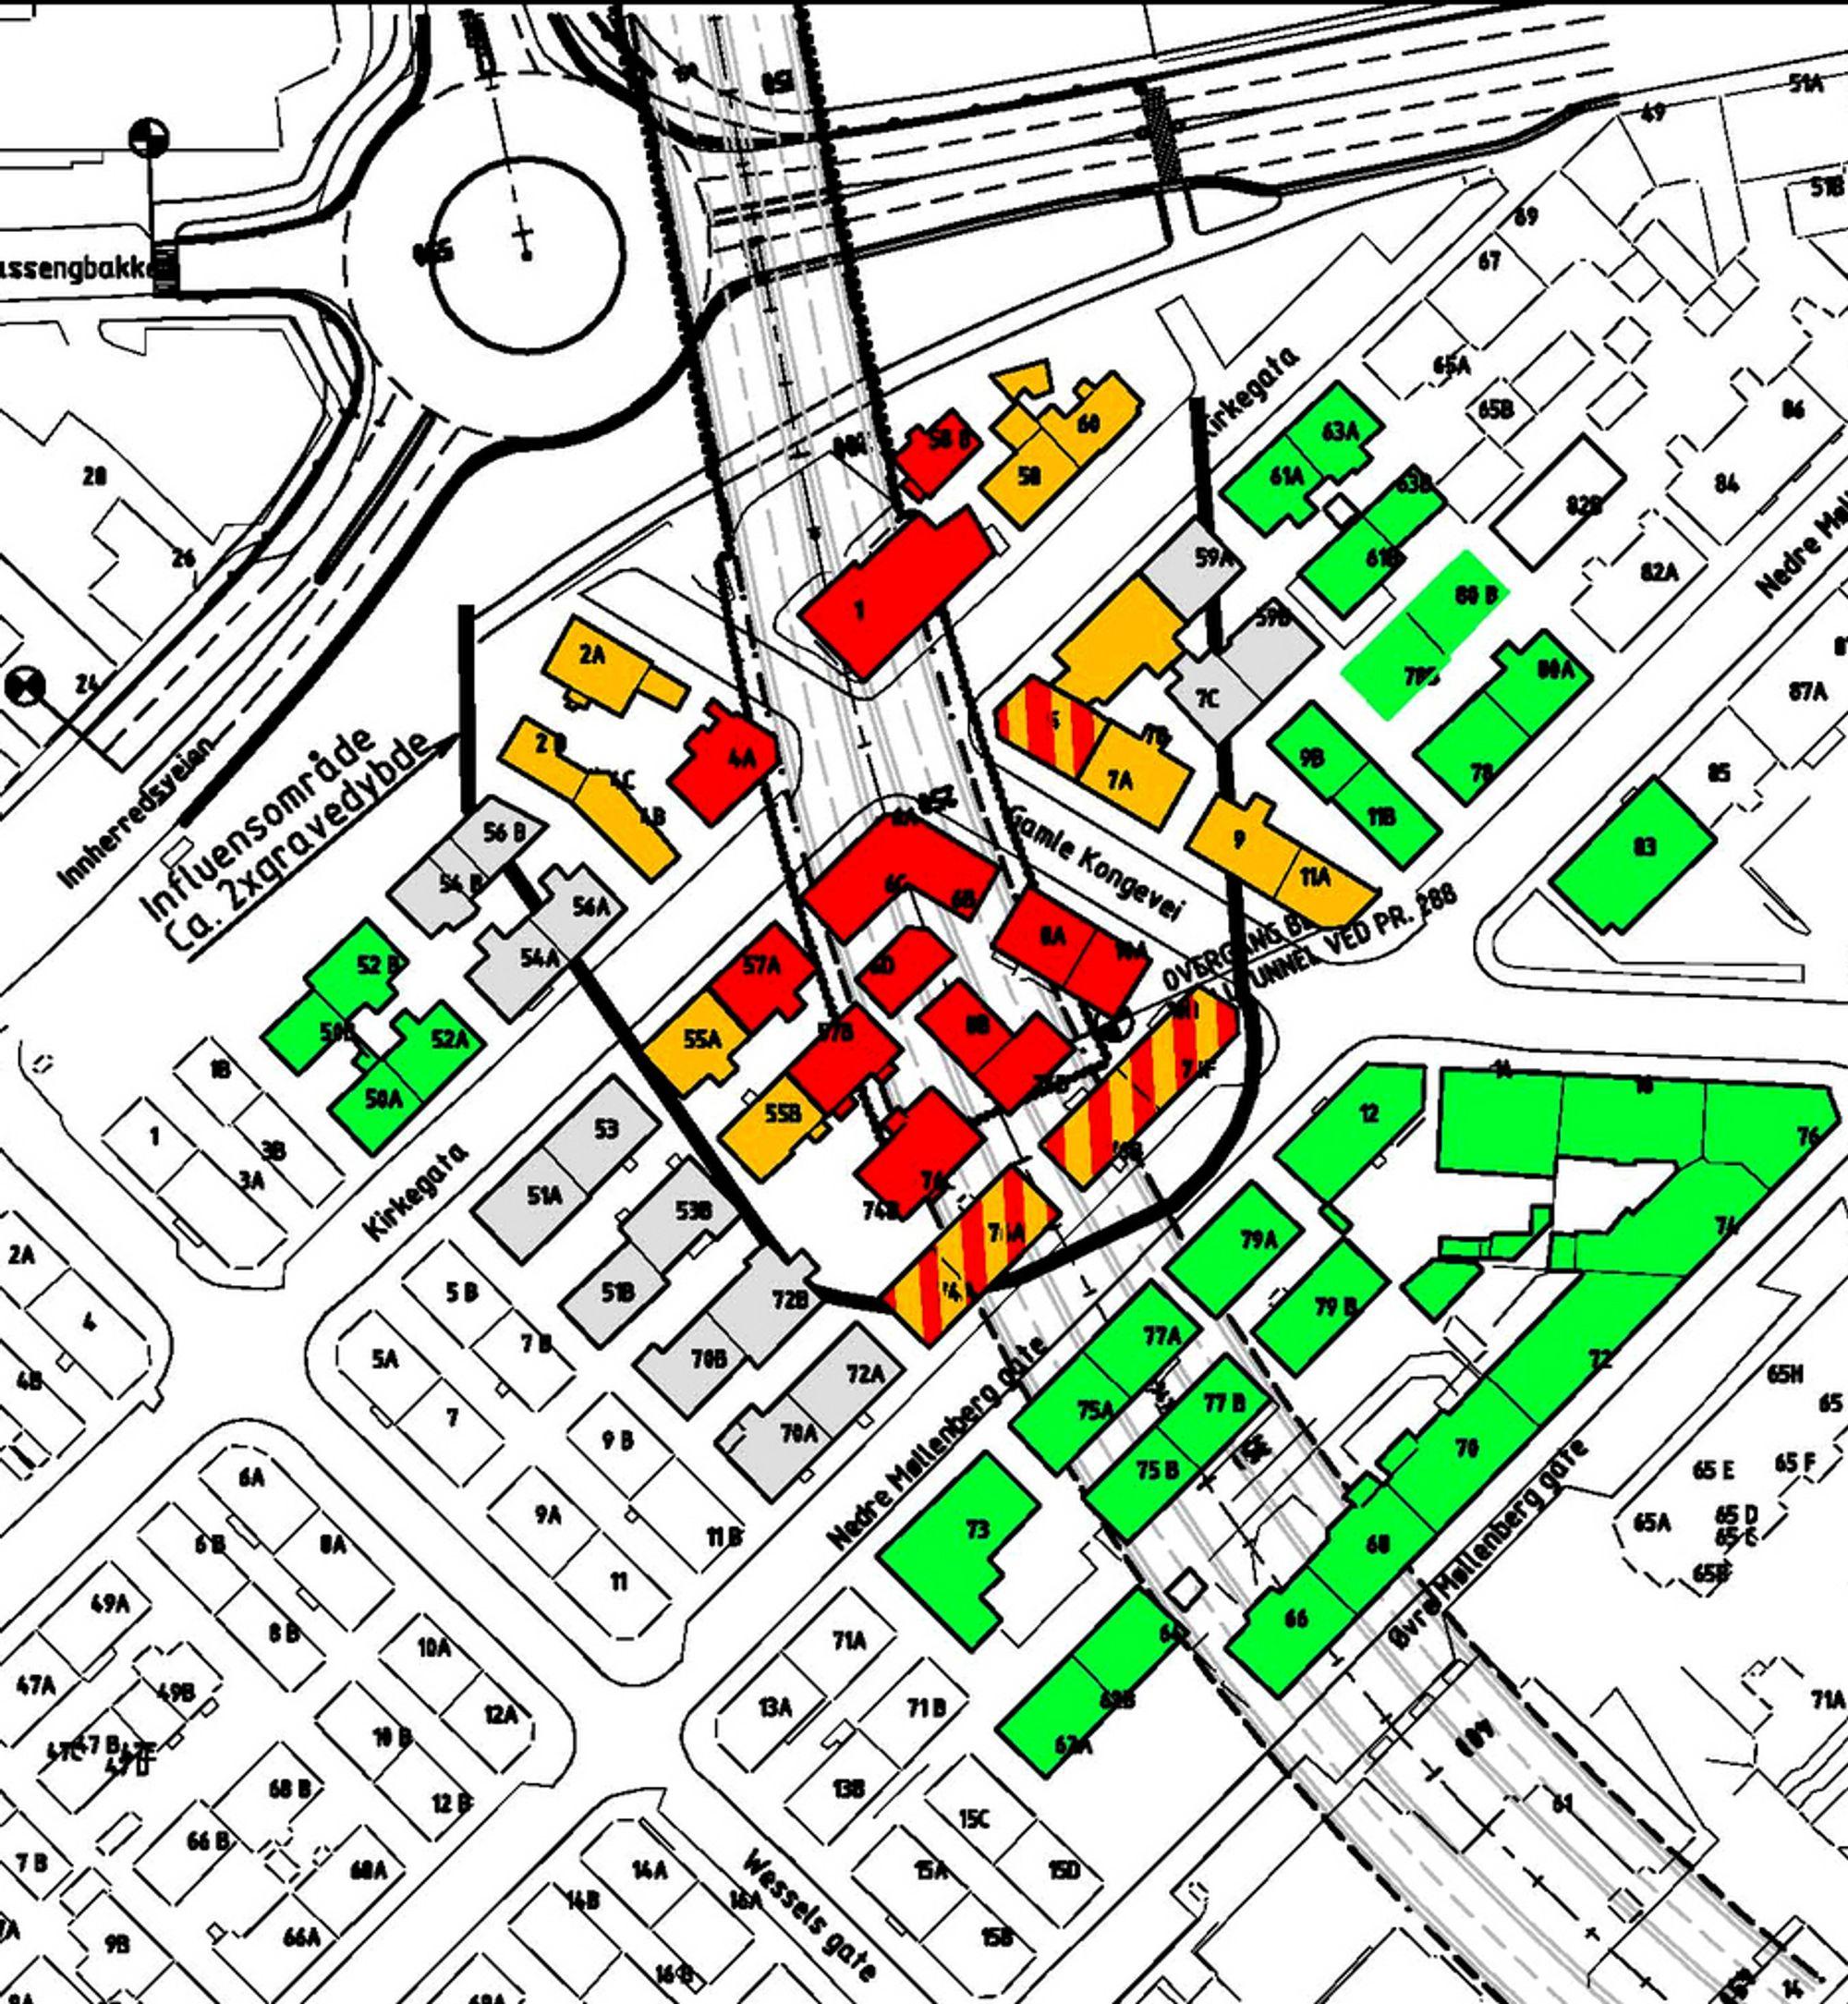 Ikke alle husene som er markert med rødt må flyttes eller rives. Entreprenøren har valgt en metode som medfører at noen av dem kan stå i hele byggetiden.